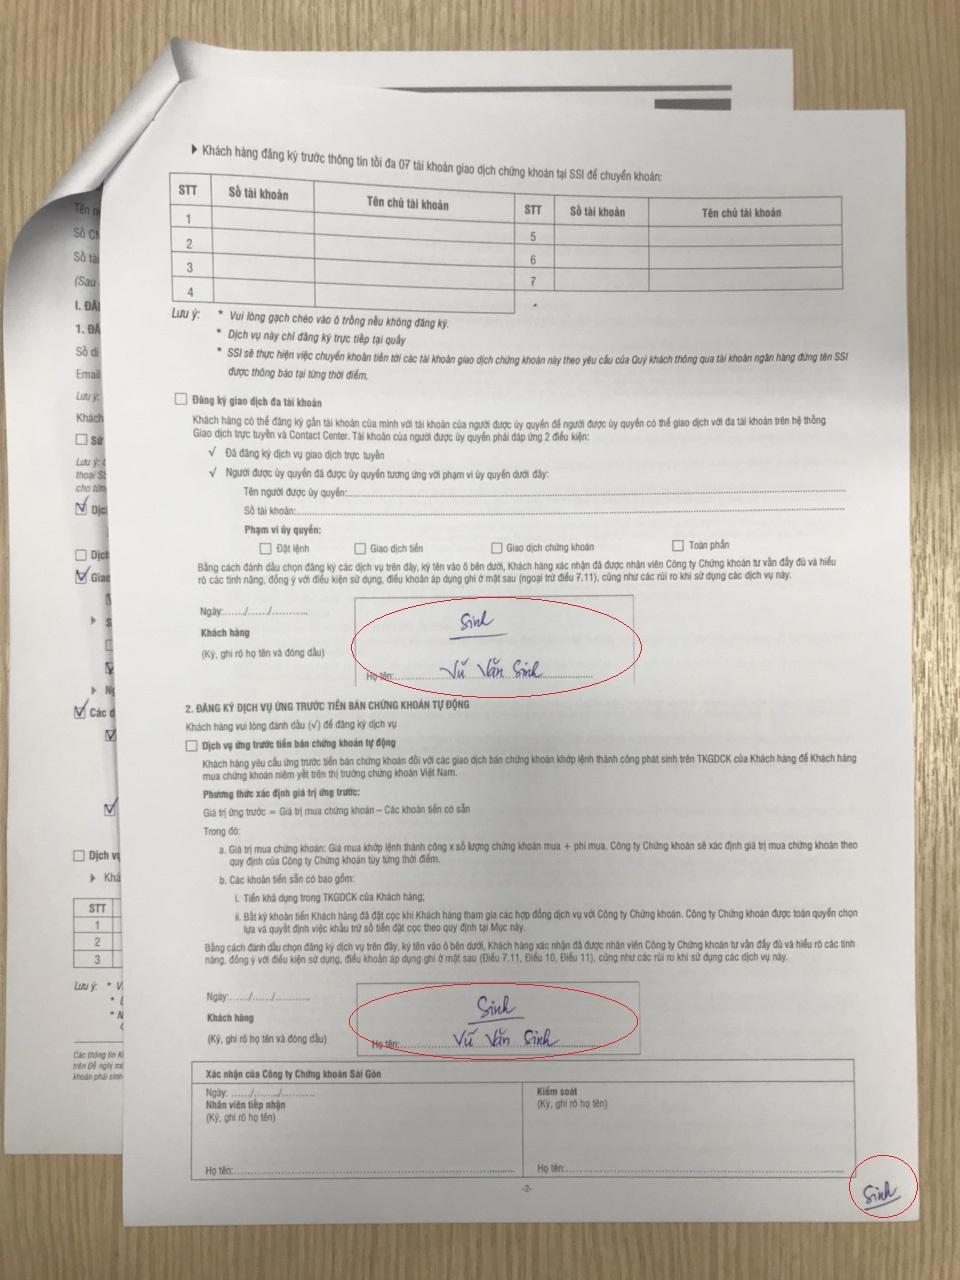 hợp đồng mở tài khoản chứng khoán SSI